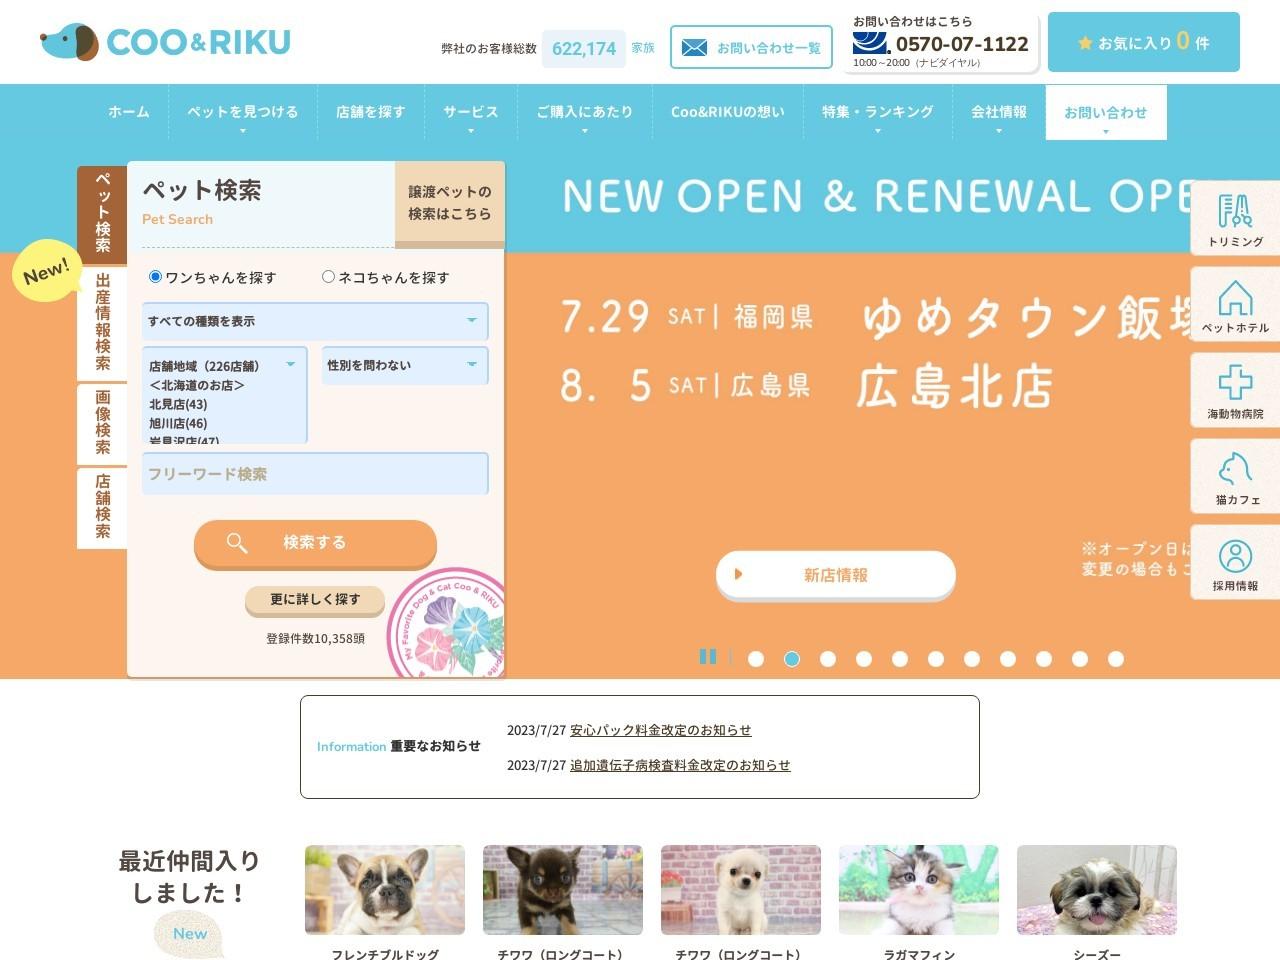 ペットショップCoo&RIKU伊丹店